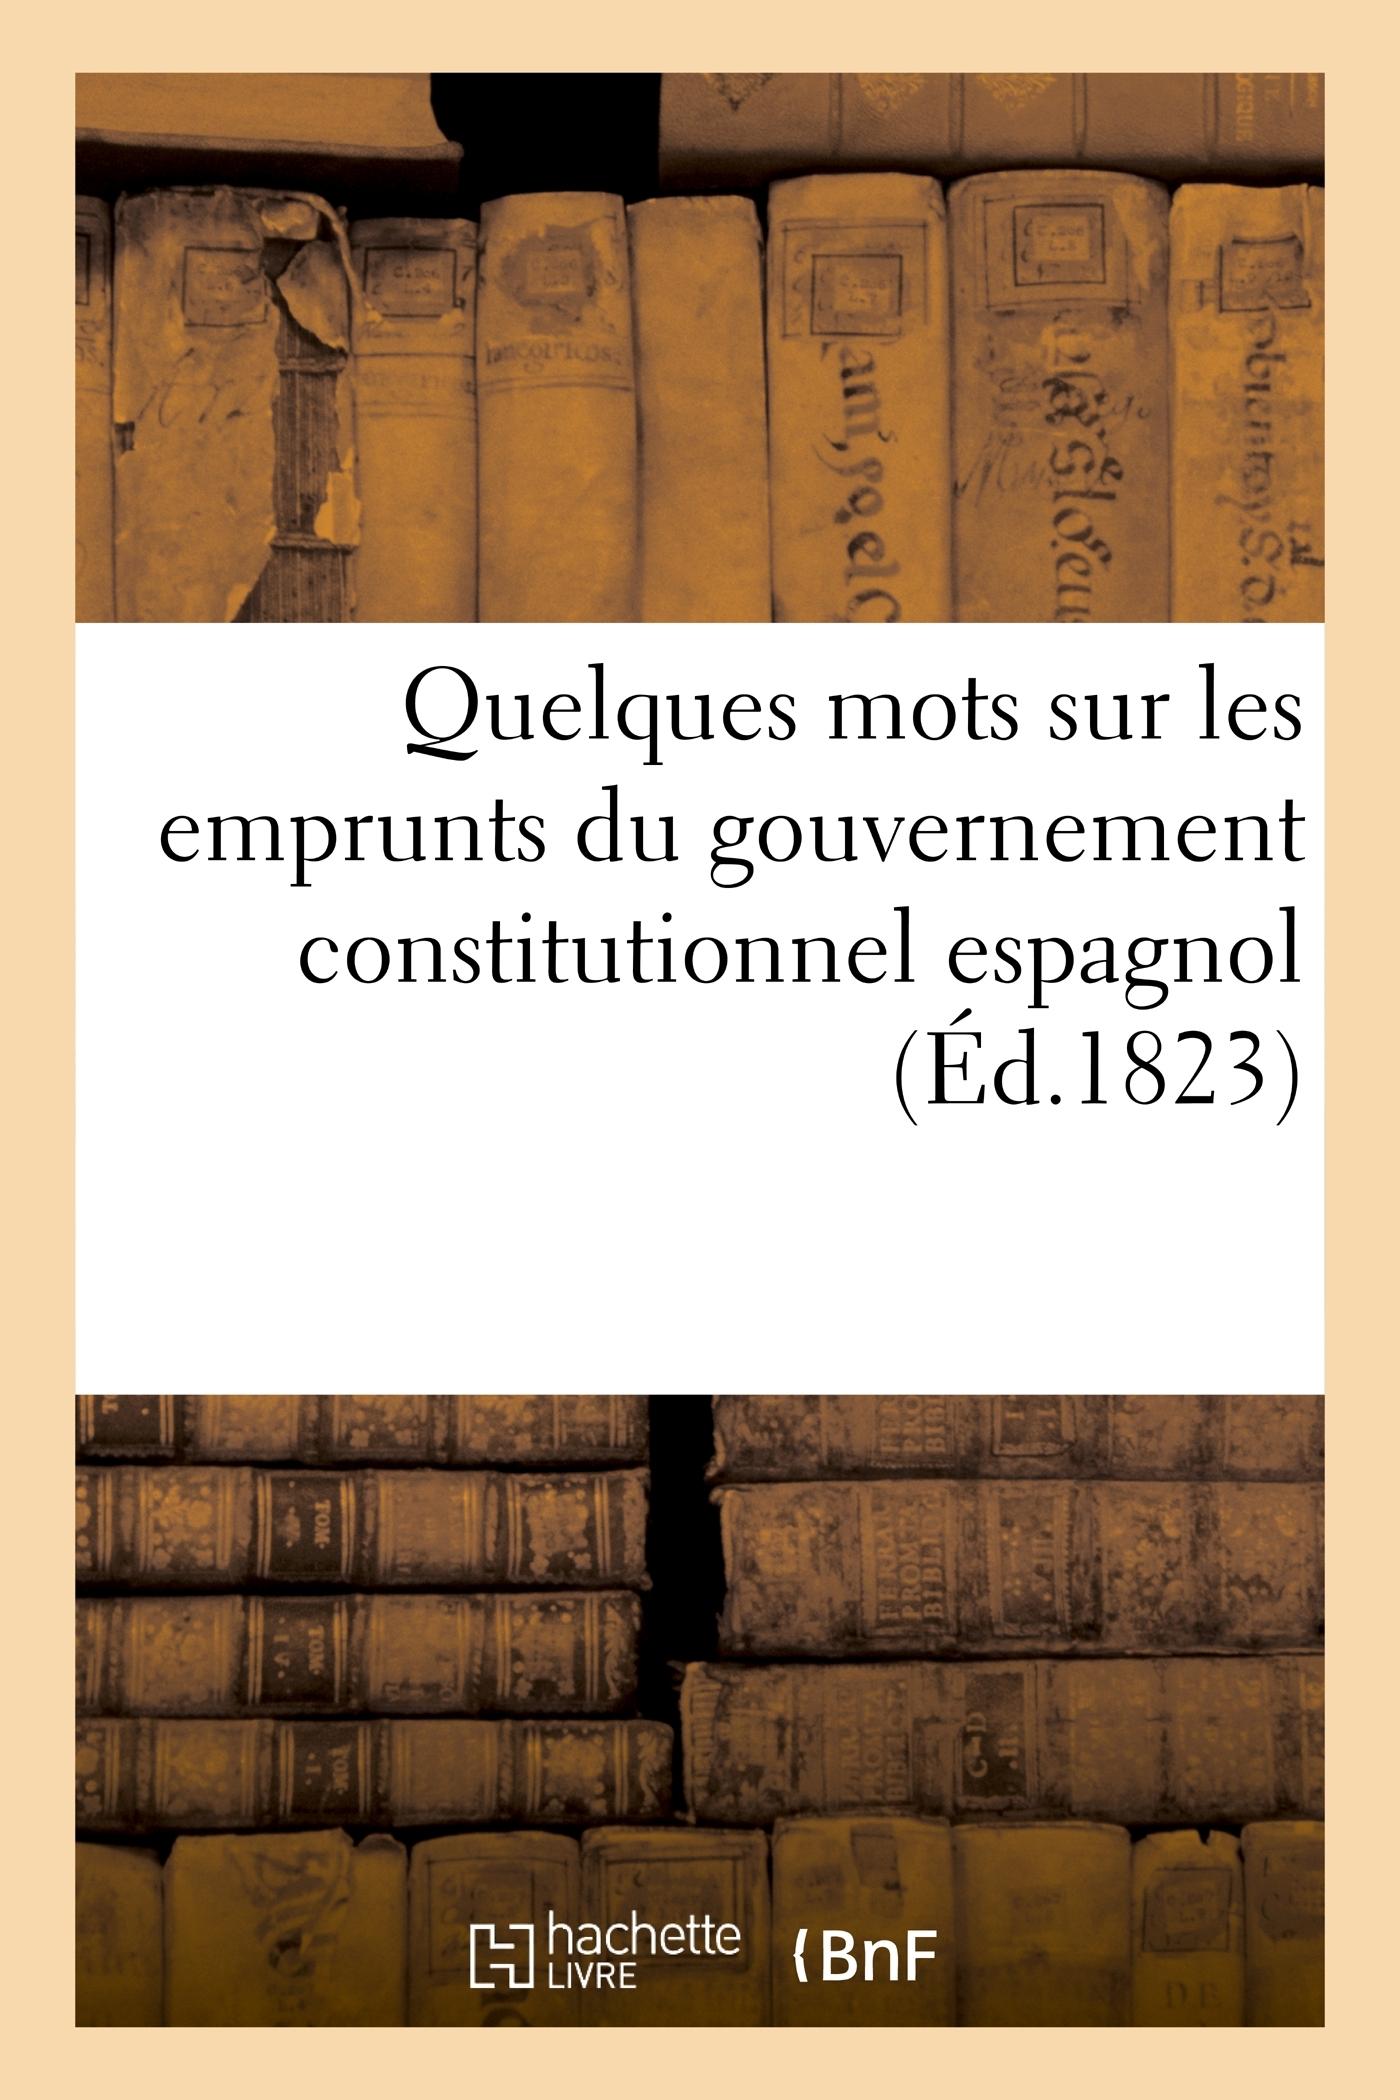 QUELQUES MOTS SUR LES EMPRUNTS DU GOUVERNEMENT CONSTITUTIONNEL ESPAGNOL